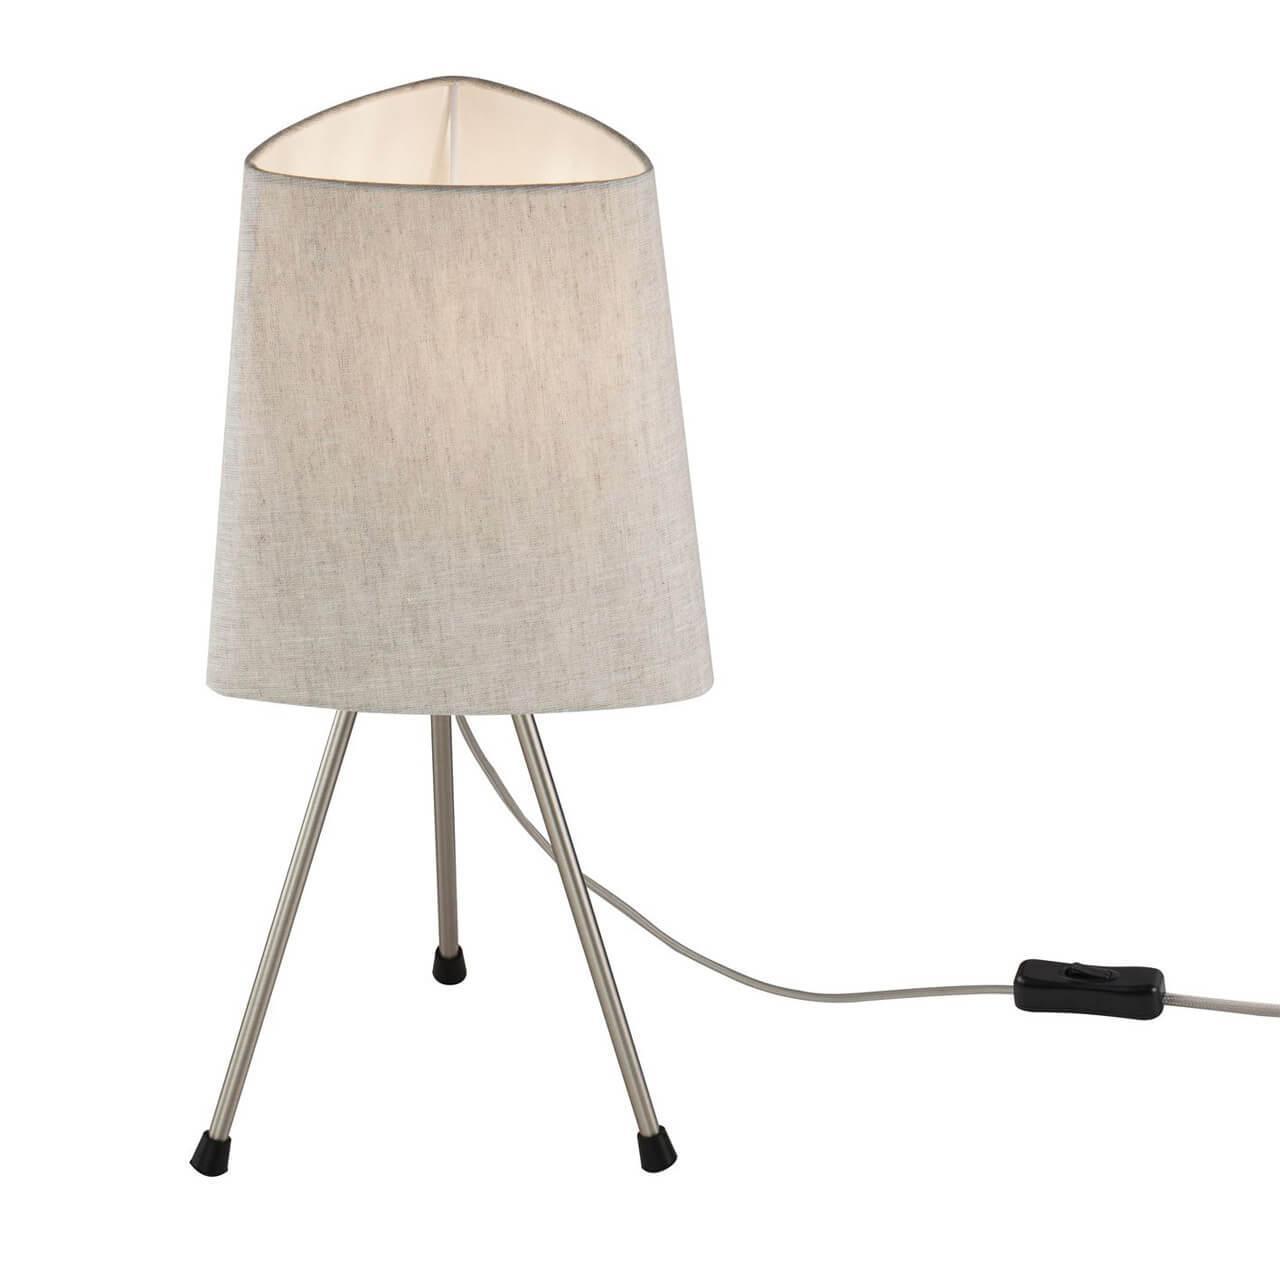 Настольный светильник Maytoni MOD008TL-01N, E27, 40 Вт торшер maytoni comfort mod008fl 01n